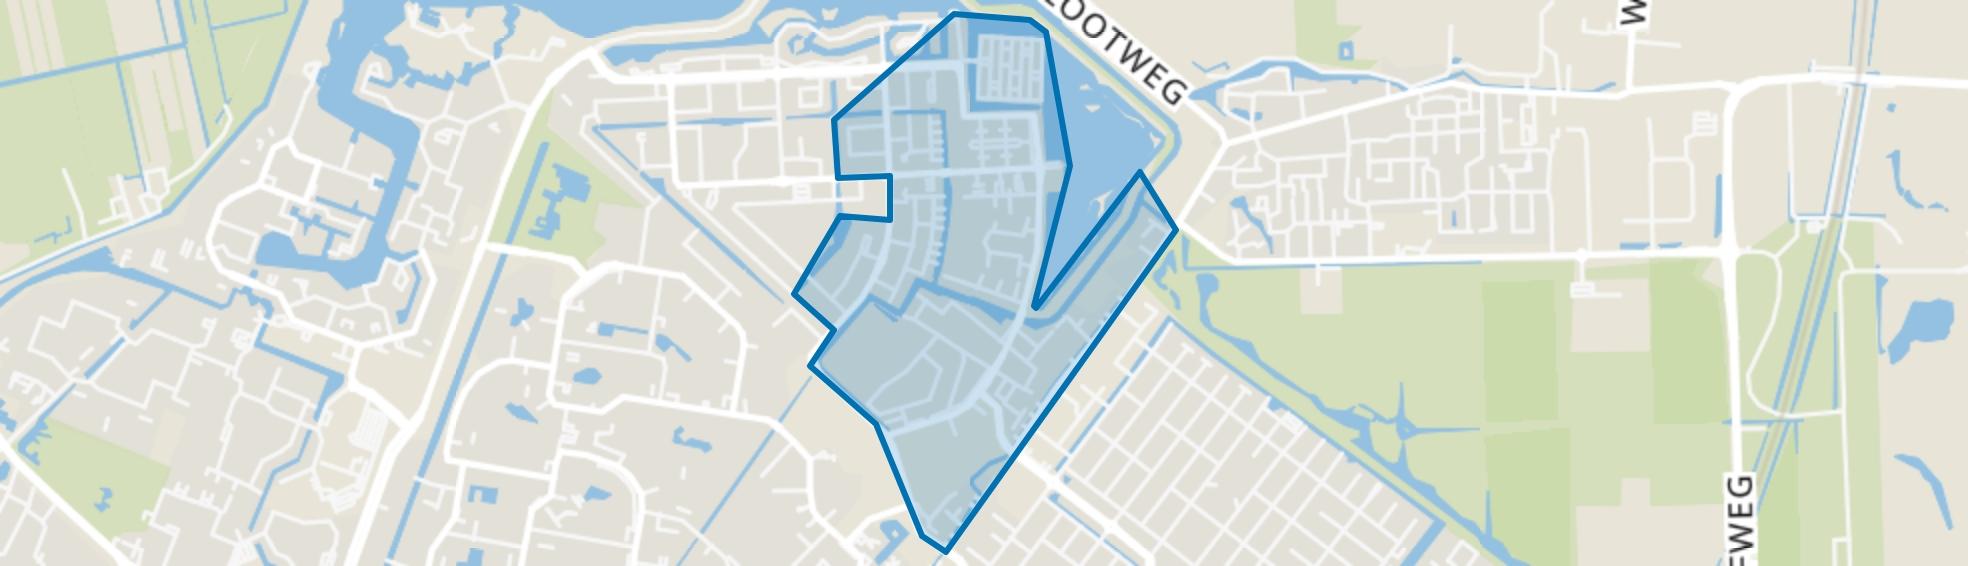 Noordhove-Oost, Zoetermeer map